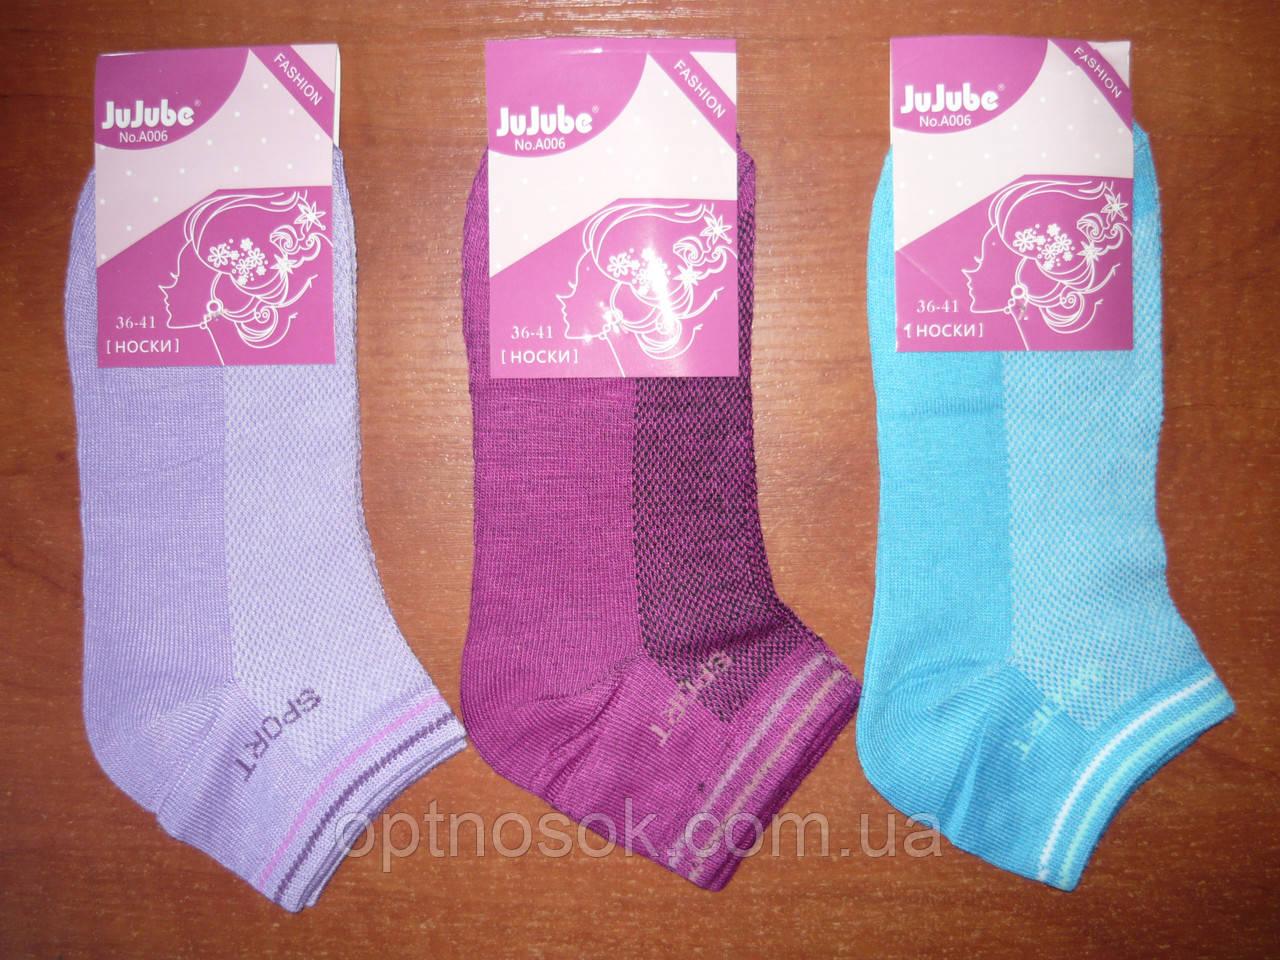 """Сетка. Женские носки """"Jujube"""". Короткие. р. 36-41"""